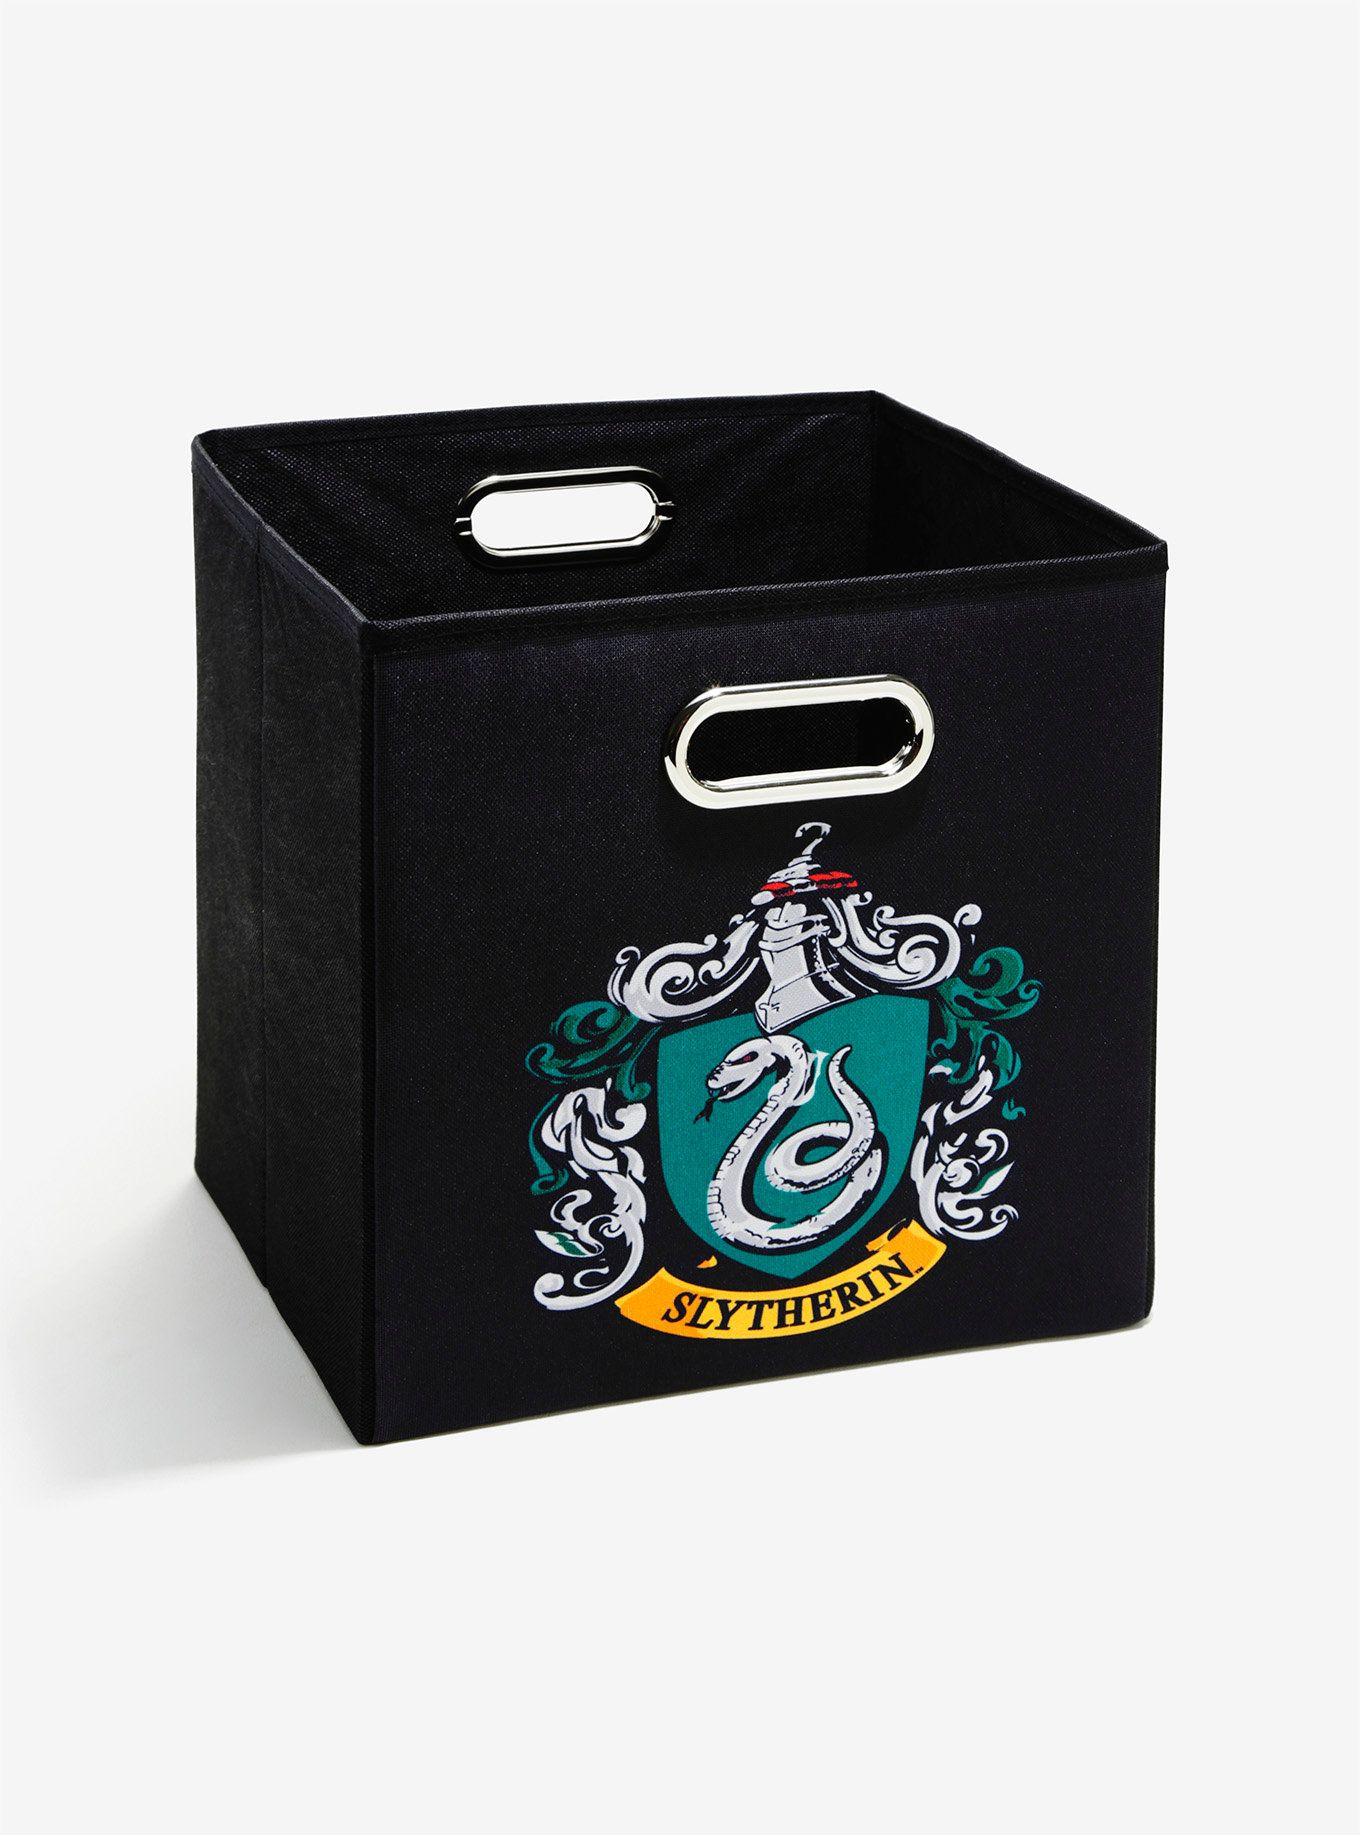 Harry Potter Slytherin Storage Bin Slytherin Slytherin Crest Harry Potter Bedroom